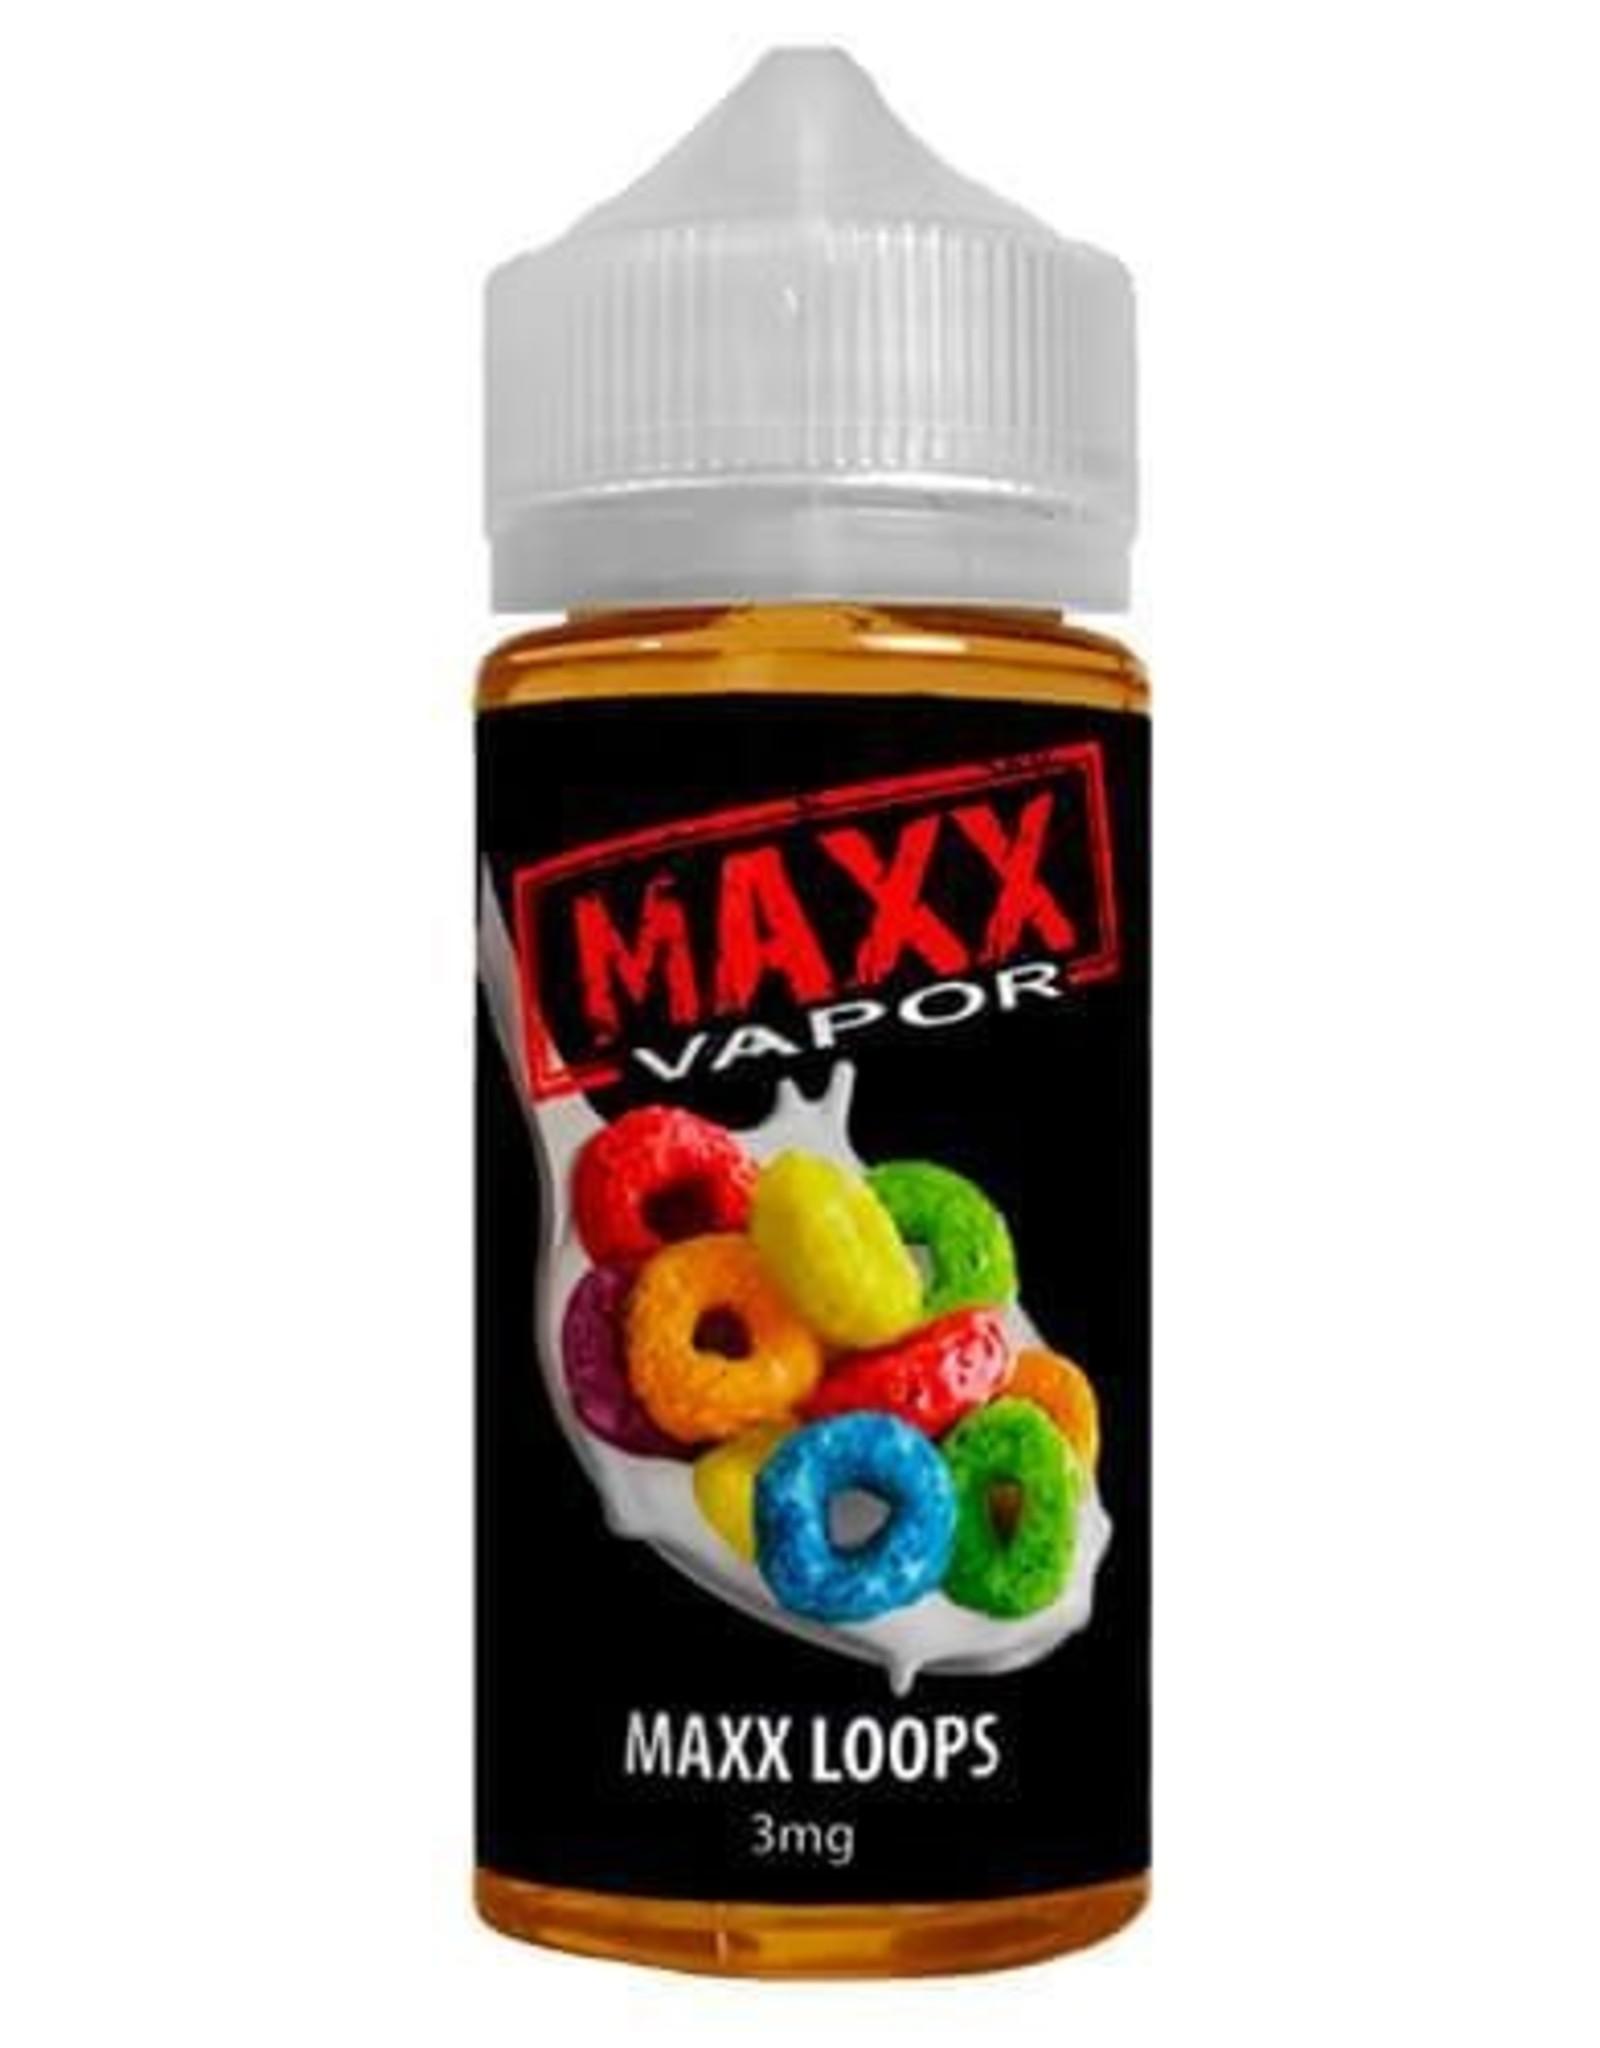 Maxx Loops By Maxx